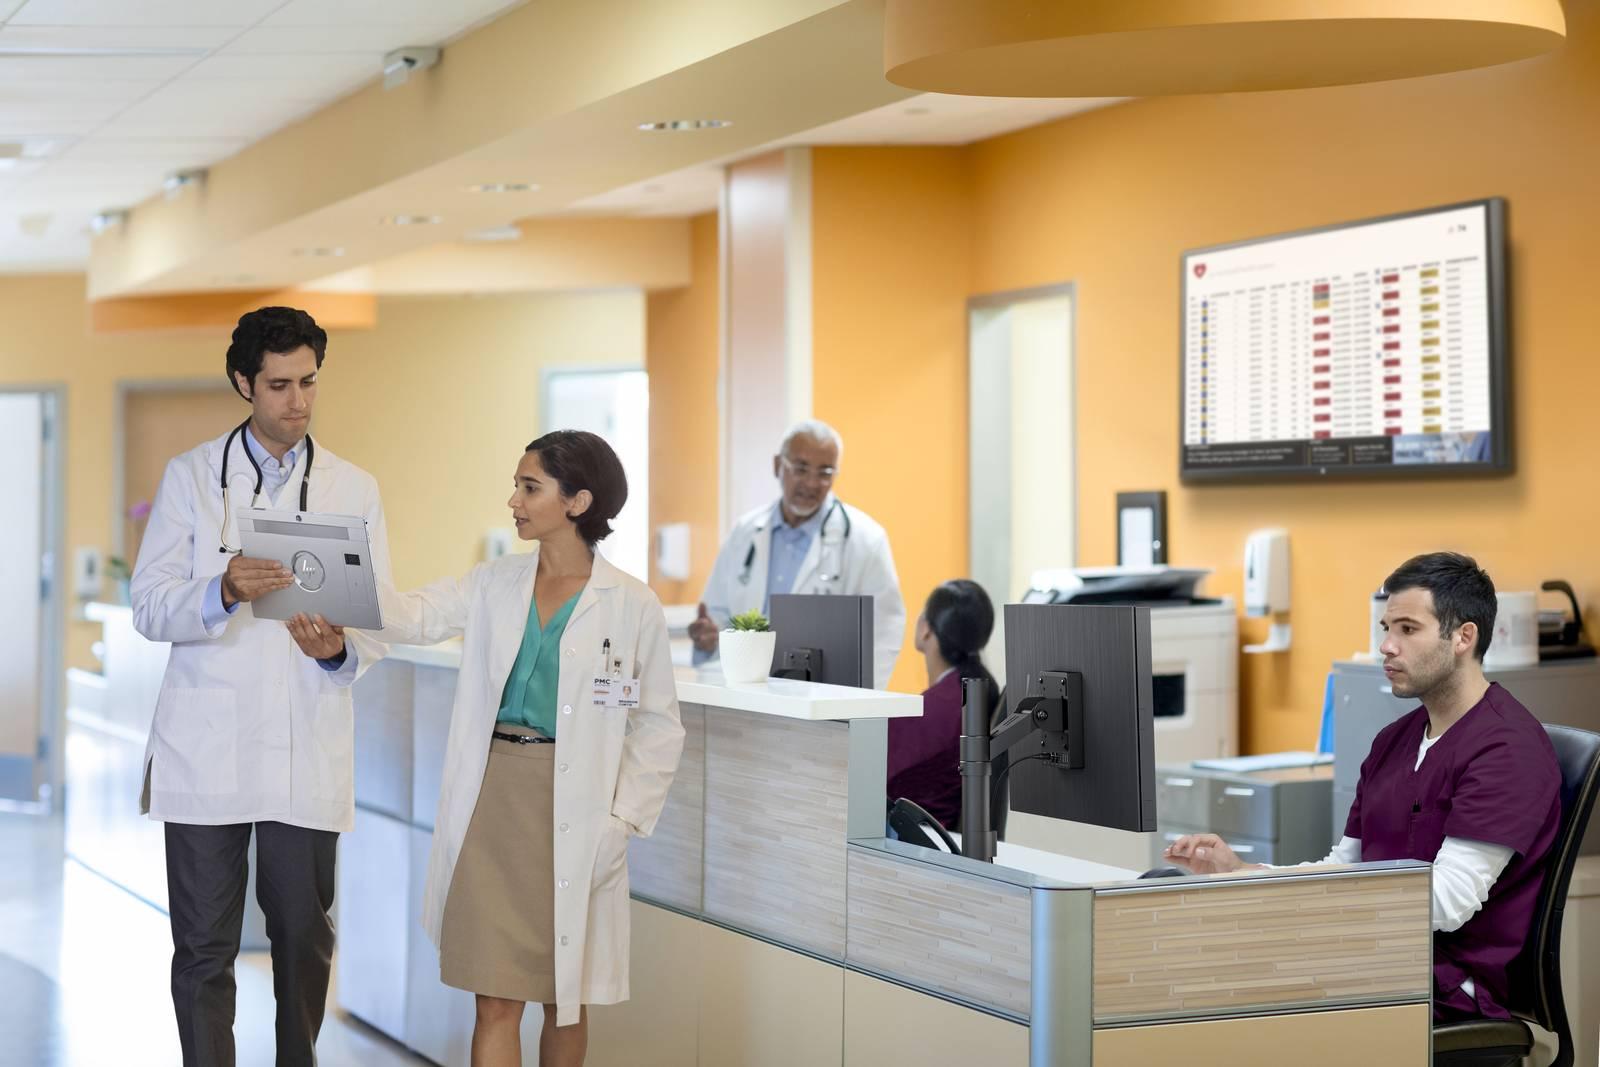 Tasmania_Healthcare_Photocomp_NurseStation